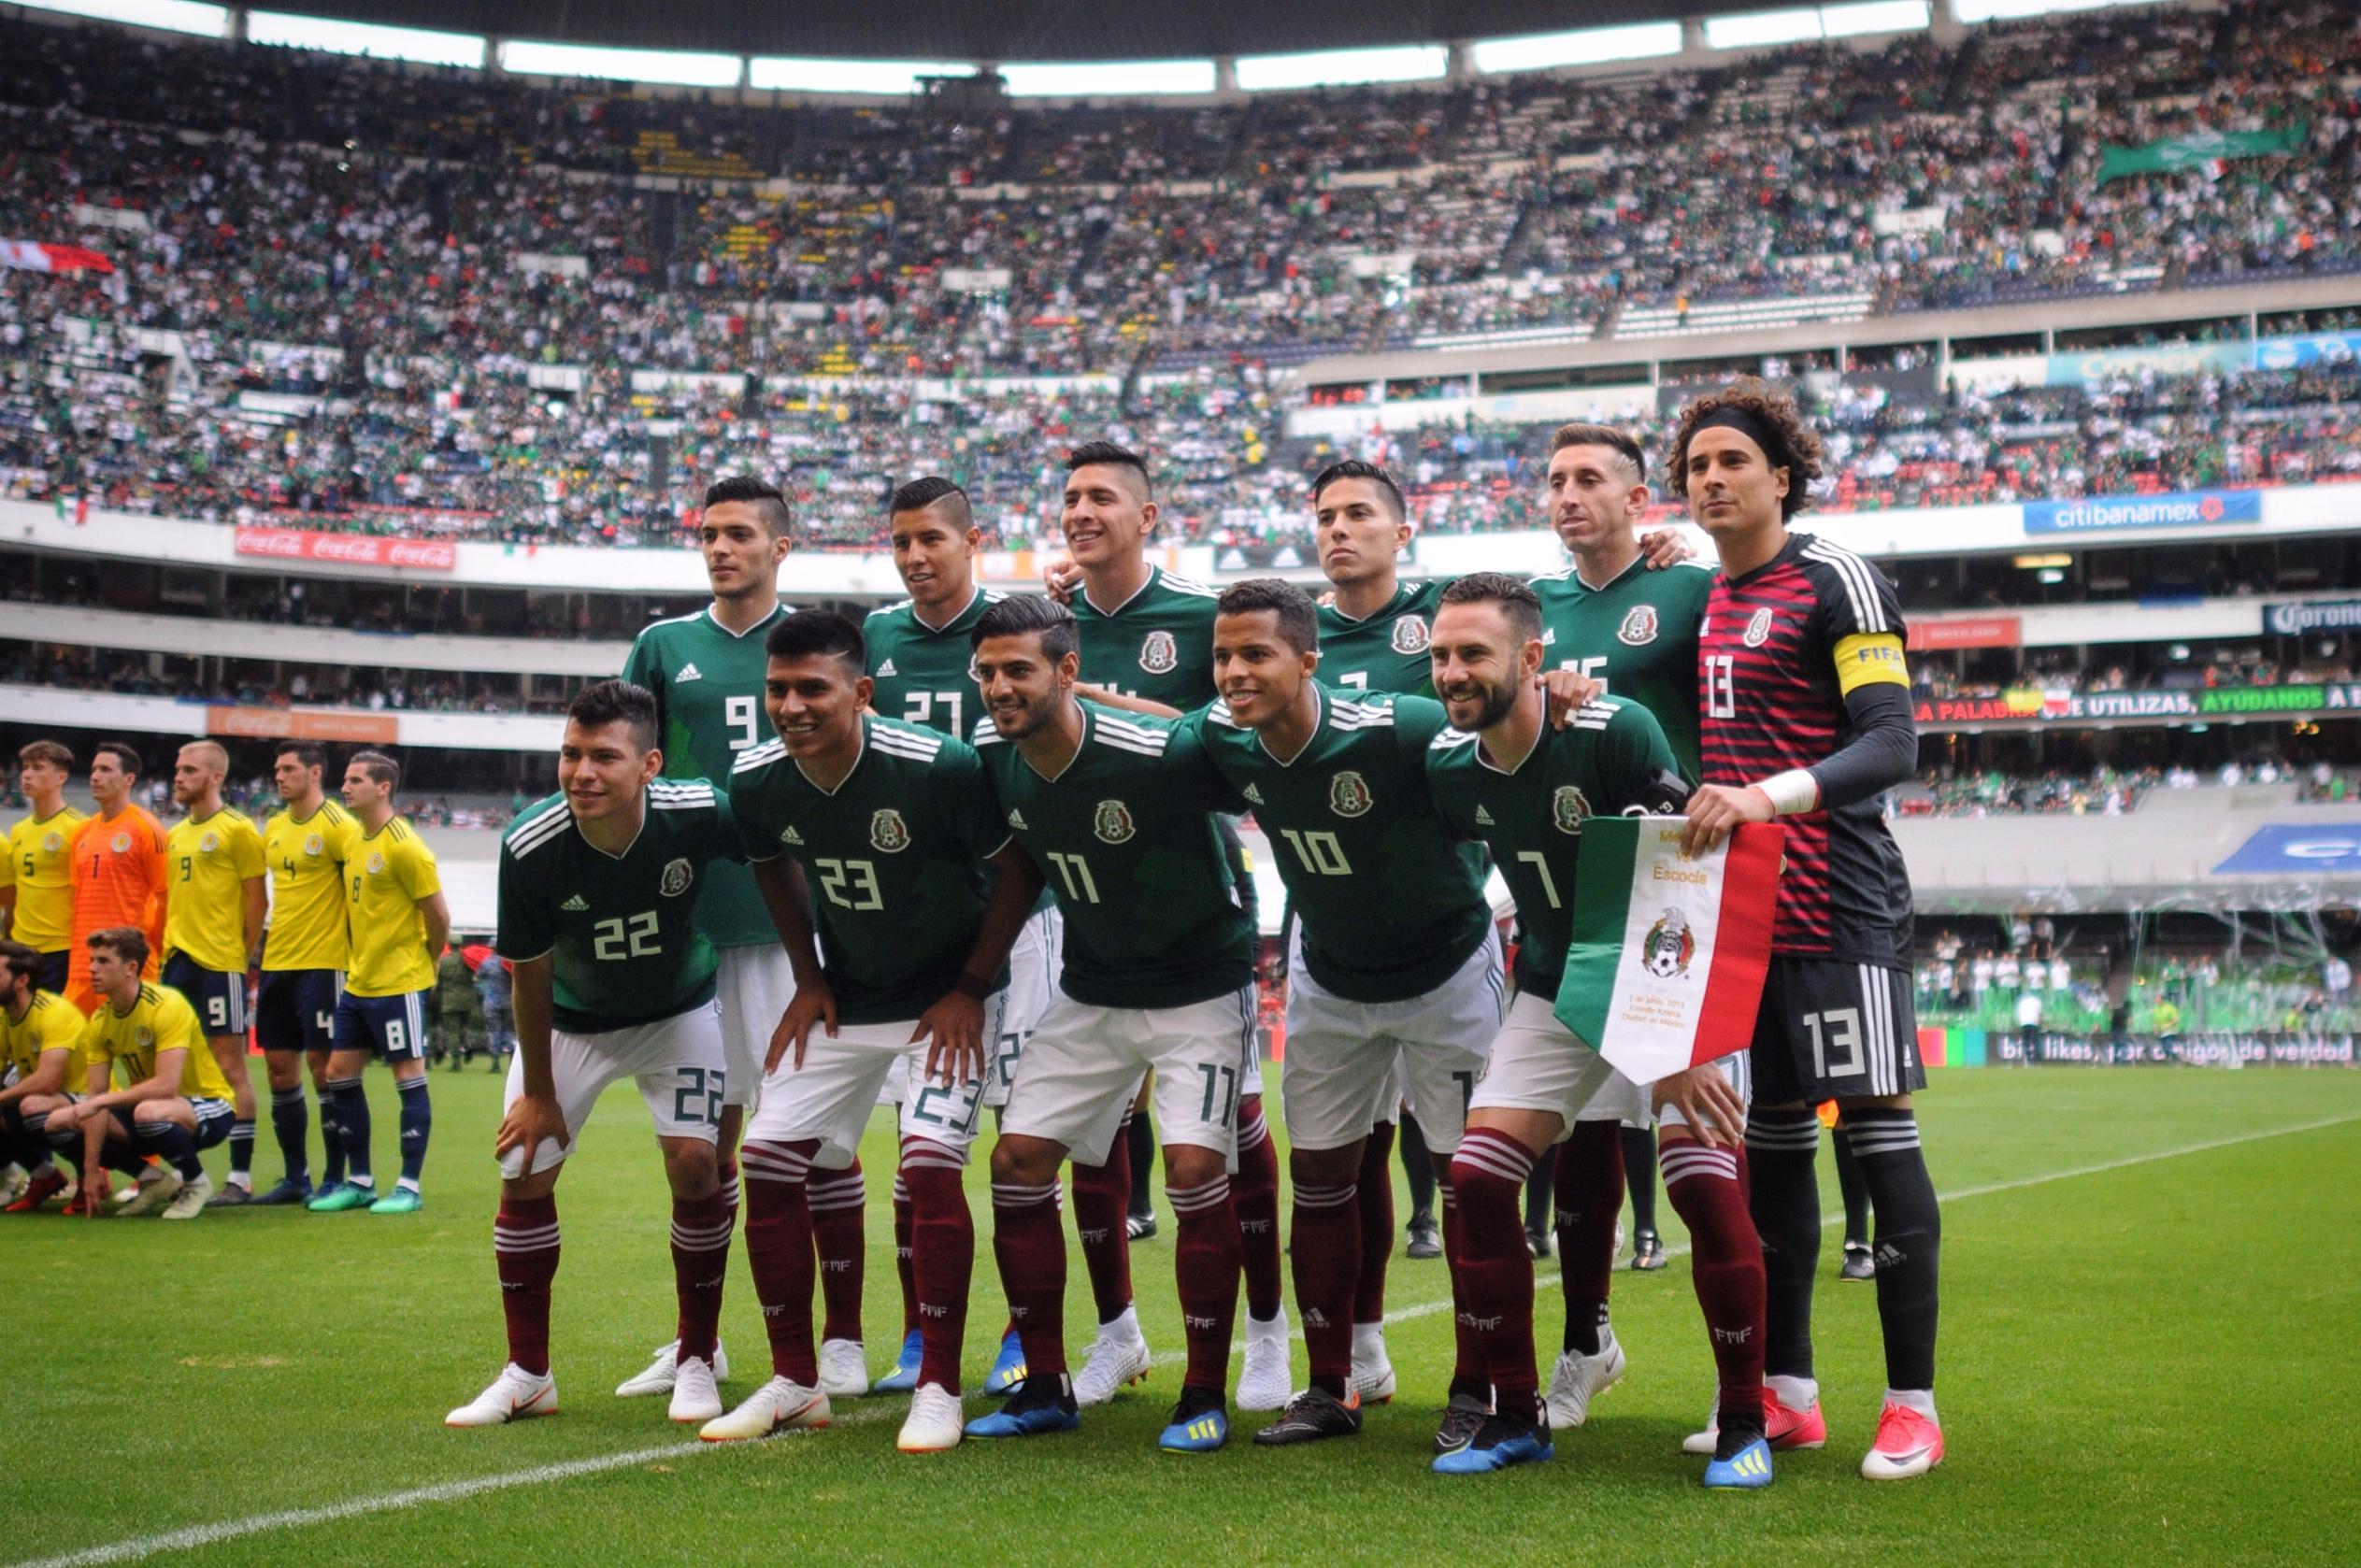 El Consejo de Promoción Turística de México le pagaba 34 millones 800 mil pesos anuales a la selección nacional (FOTO: DIEGO SIMÓN SÁNCHEZ /CUARTOSCURO.COM)